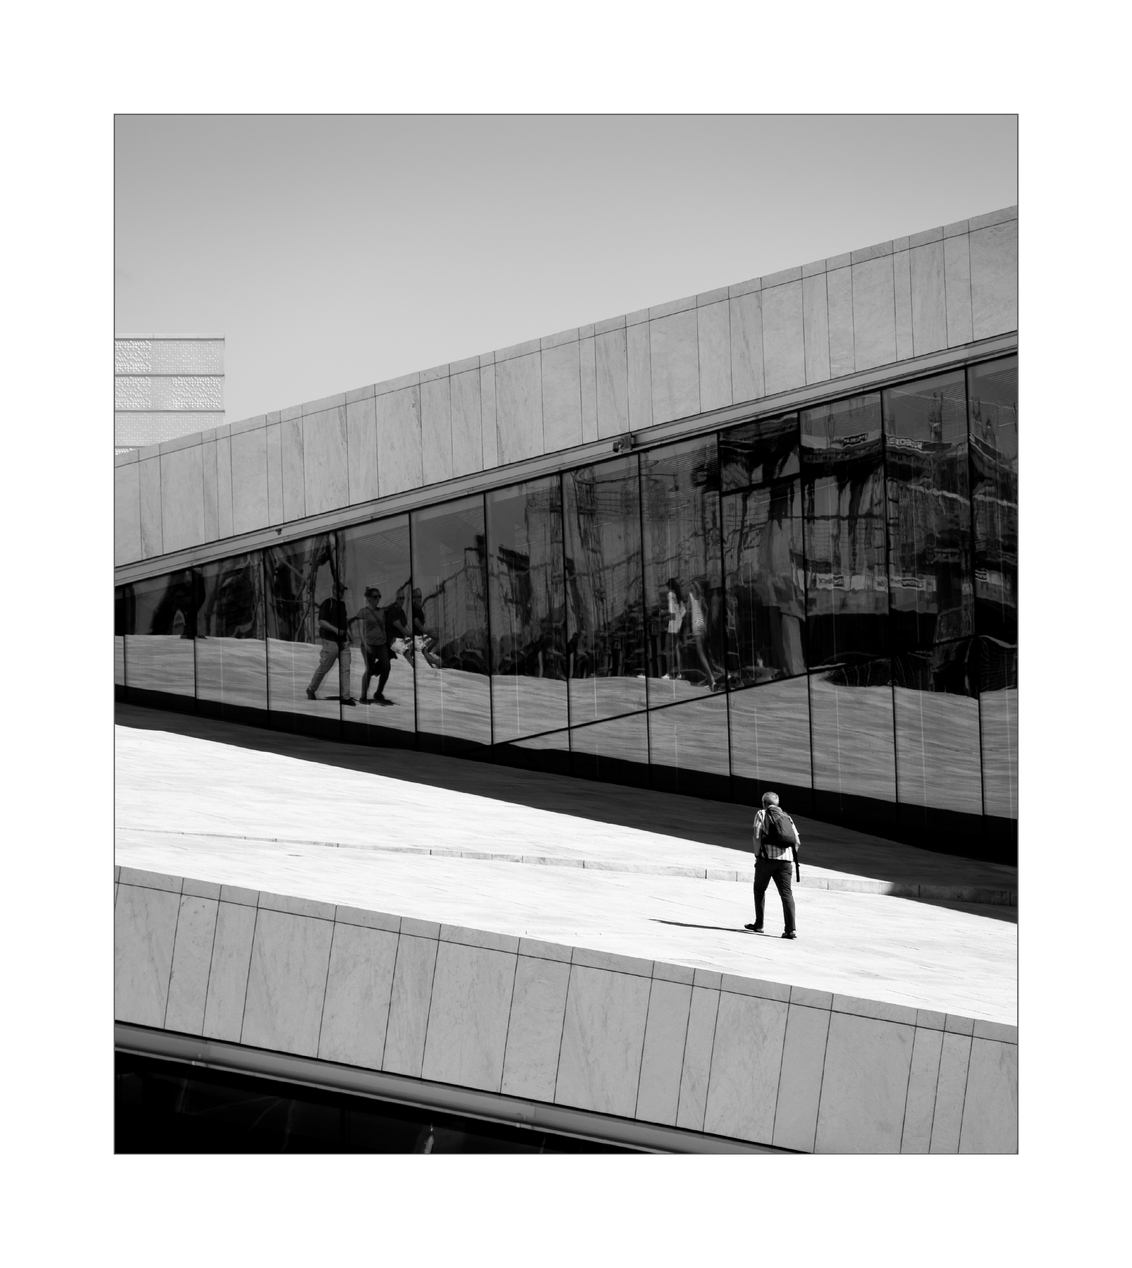 Oslo Opera House. II - - - foto door Joshua181 op 17-11-2017 - deze foto bevat: licht, lijnen, architectuur, gebouw, stad, noorwegen, zwartwit, oslo, straatfotografie, reisfotografie